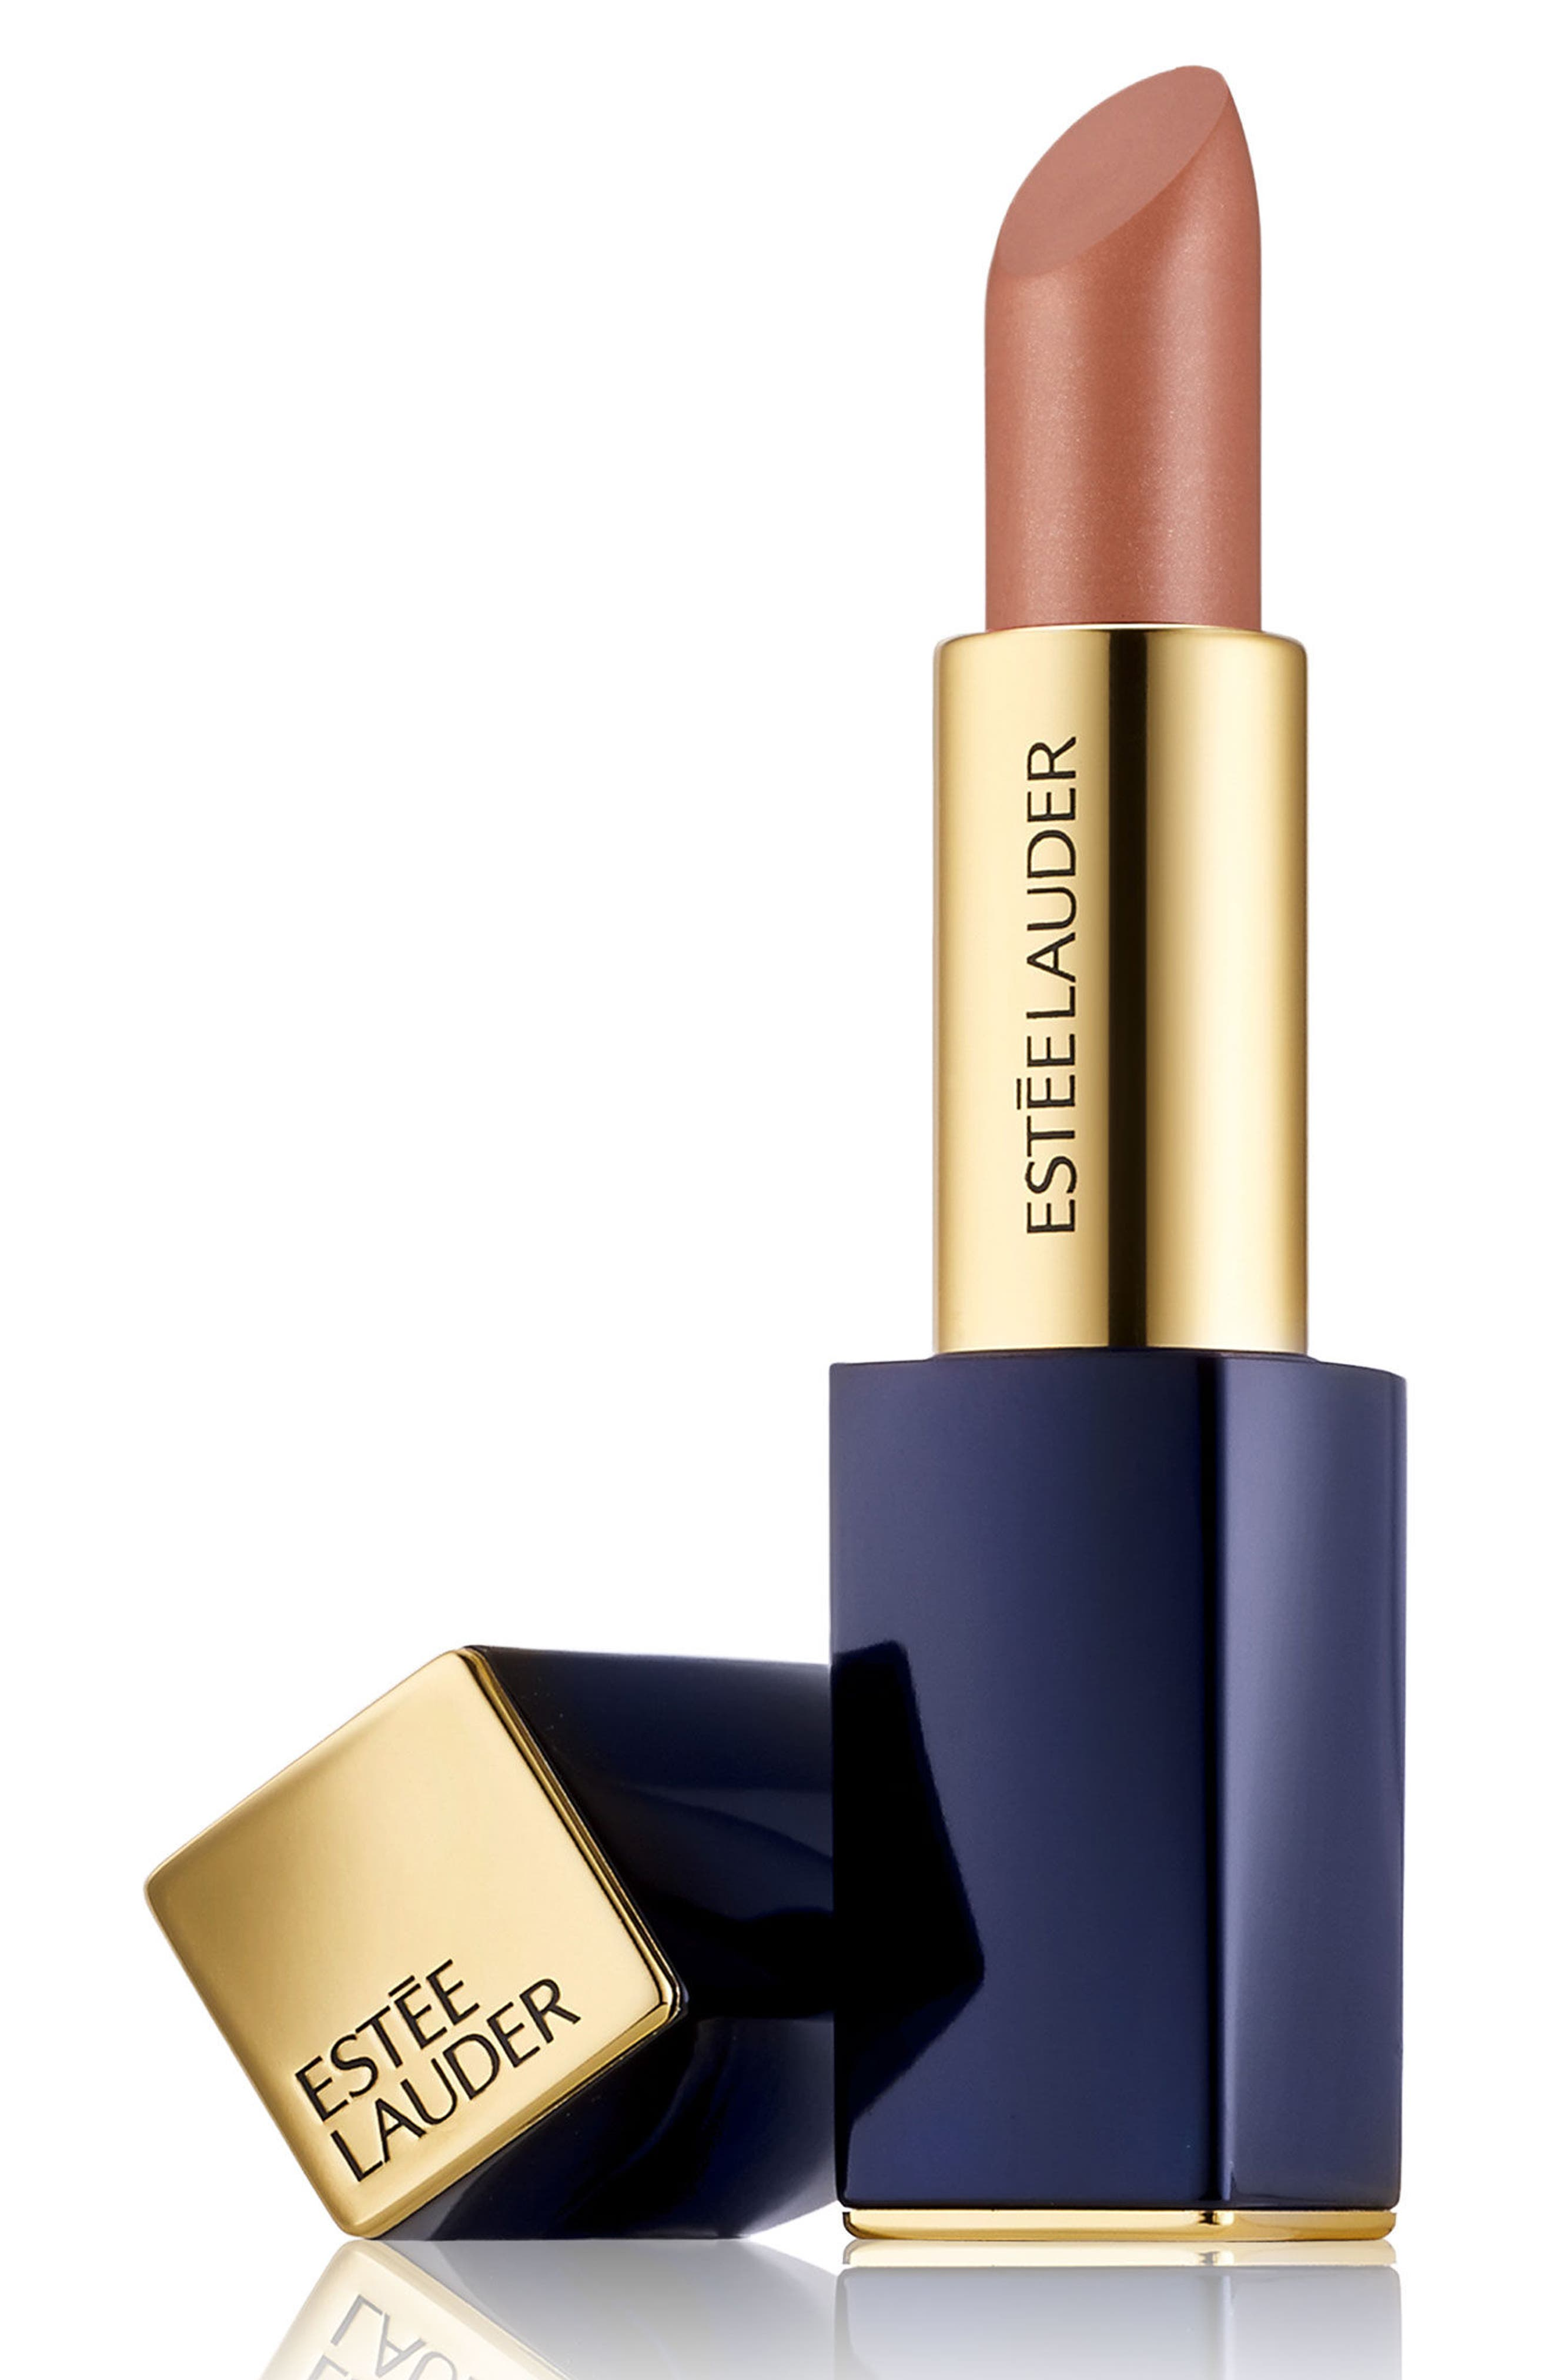 Pure Color Envy Metallic Matte Sculpting Lipstick,                         Main,                         color, 200